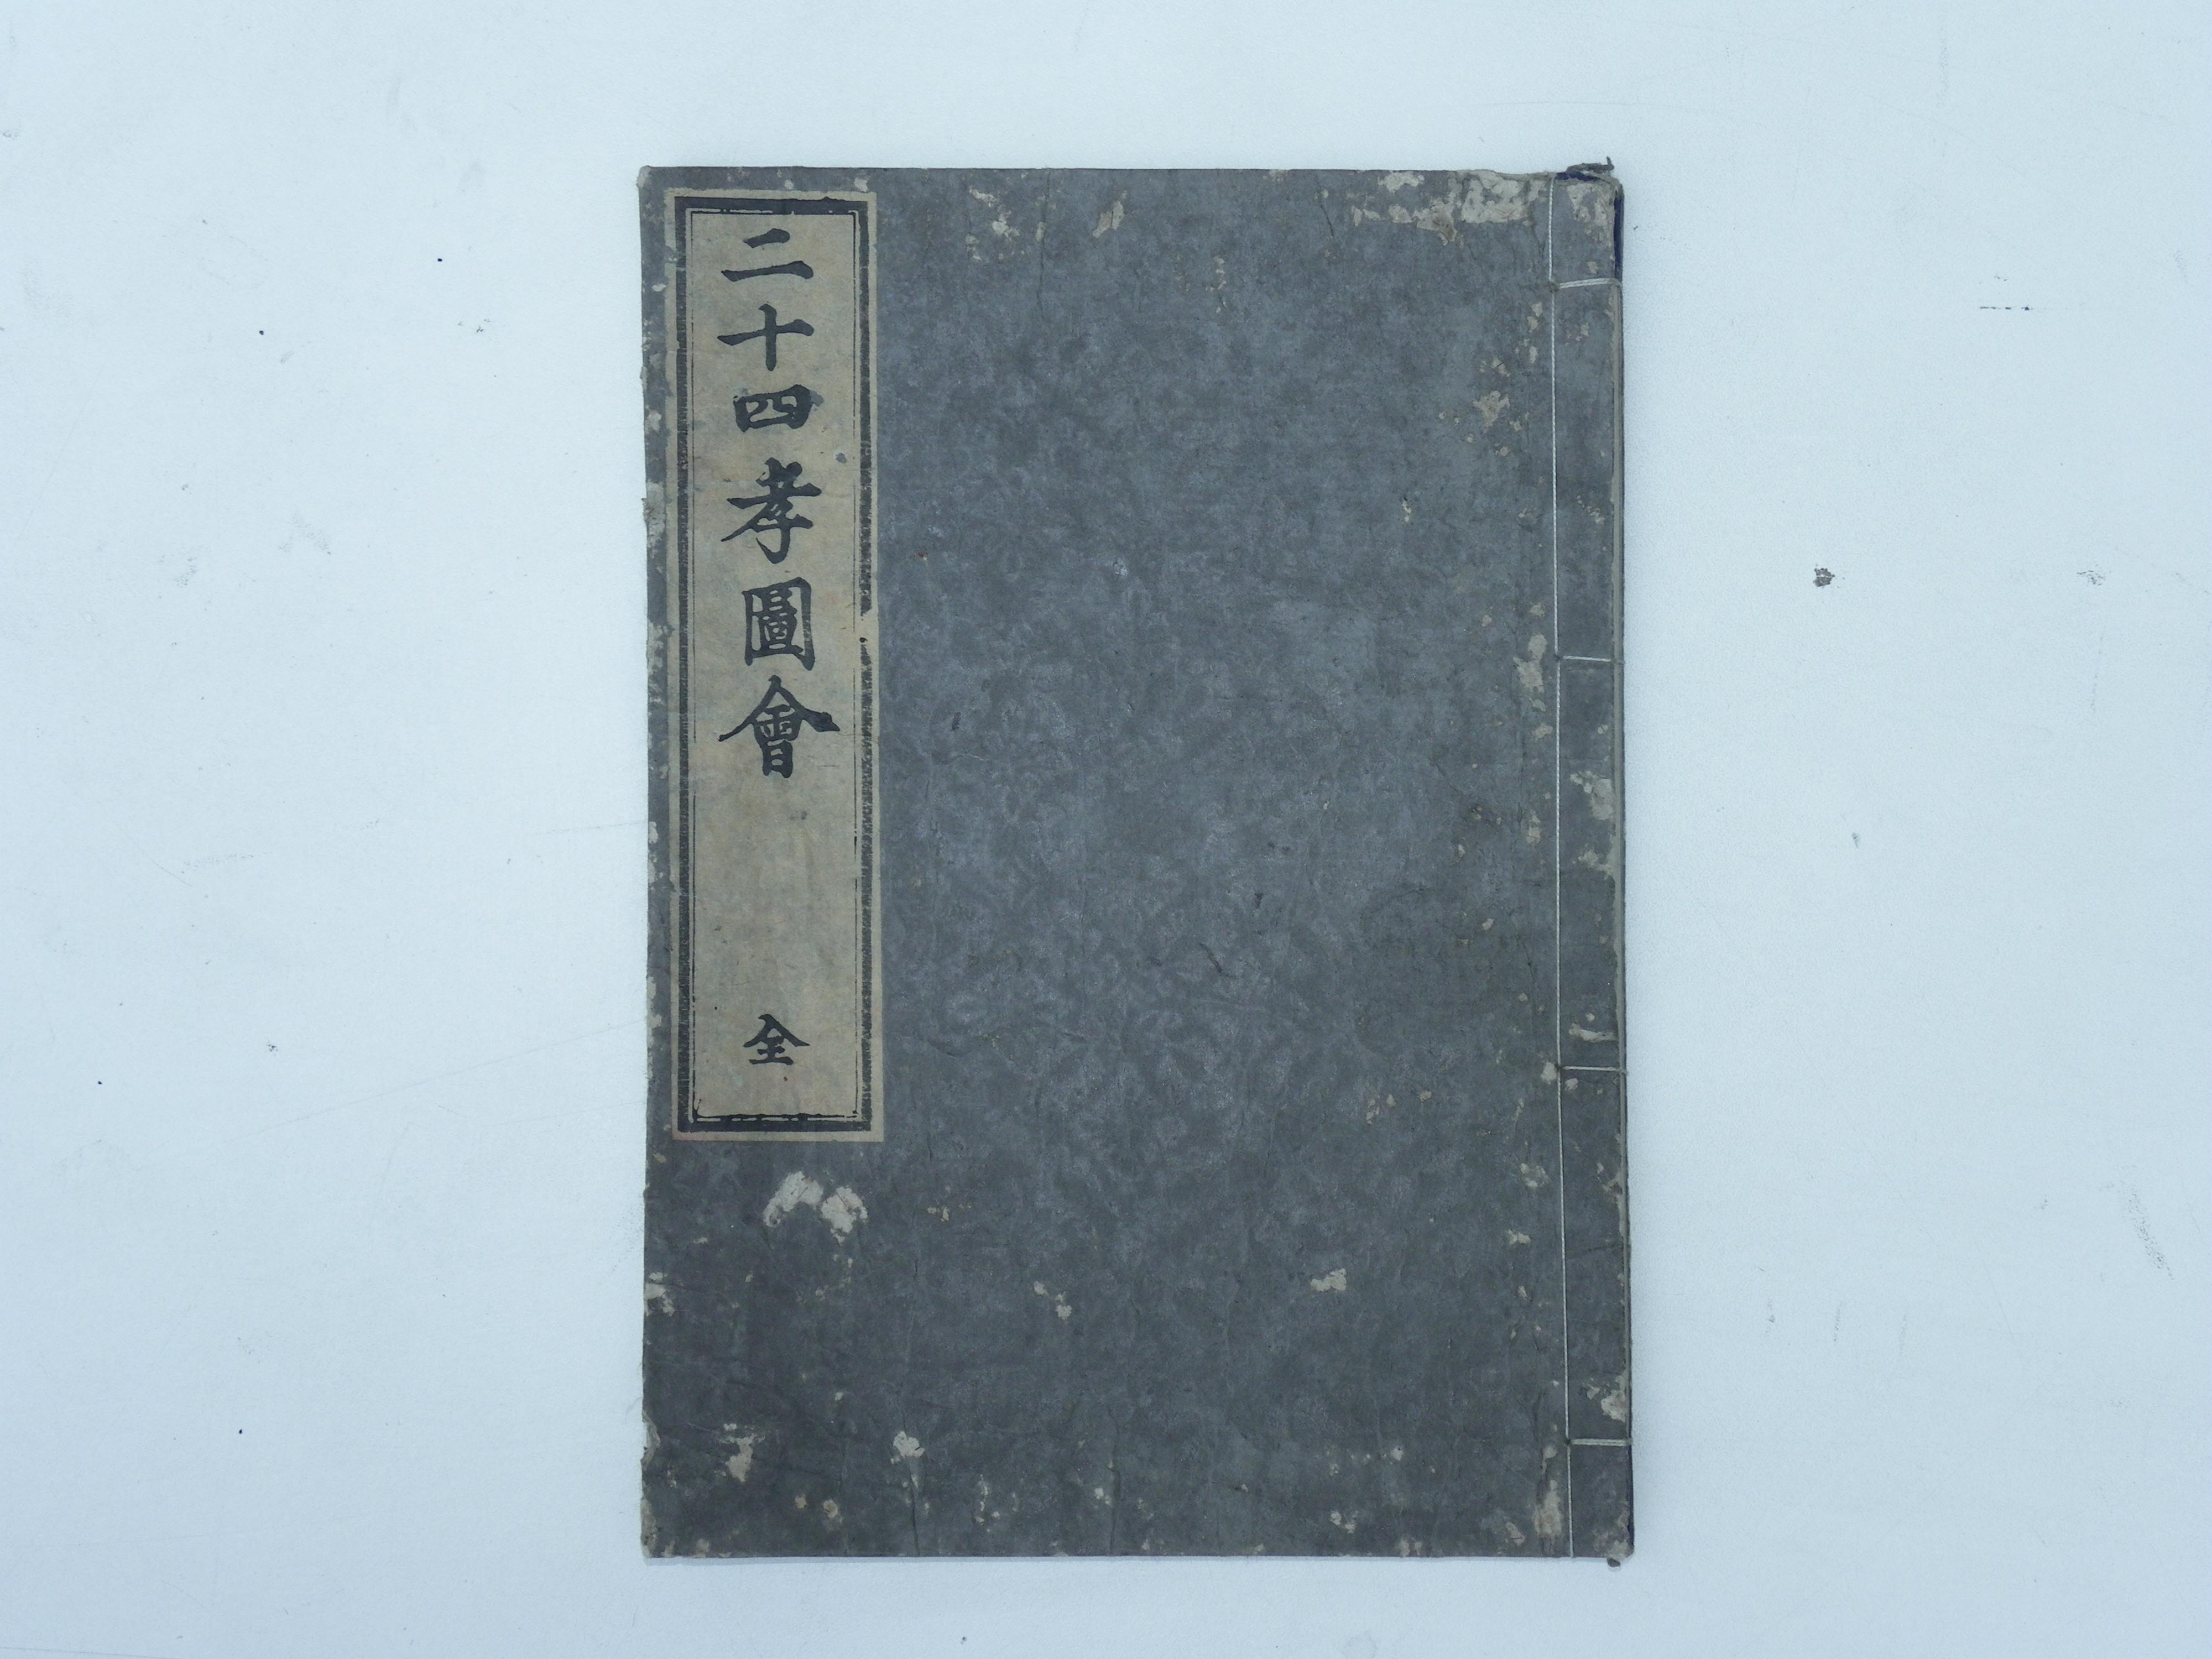 IMGP0650